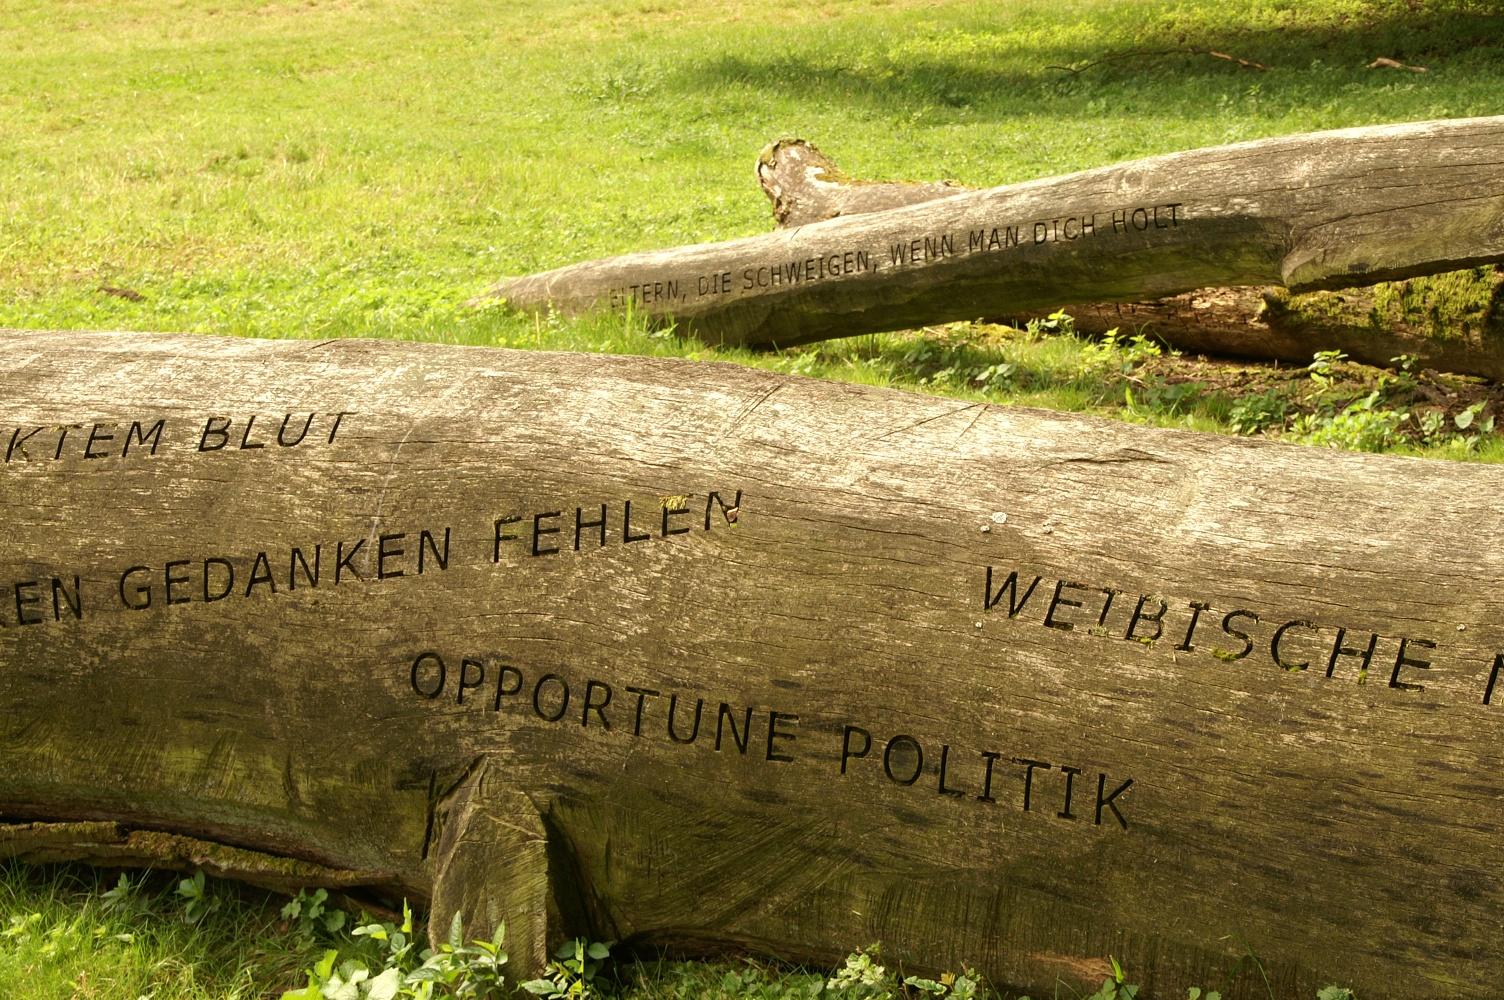 Sinnsprüche der Kaiserring-Trägerin Jenny Holzer zieren alte Stämme